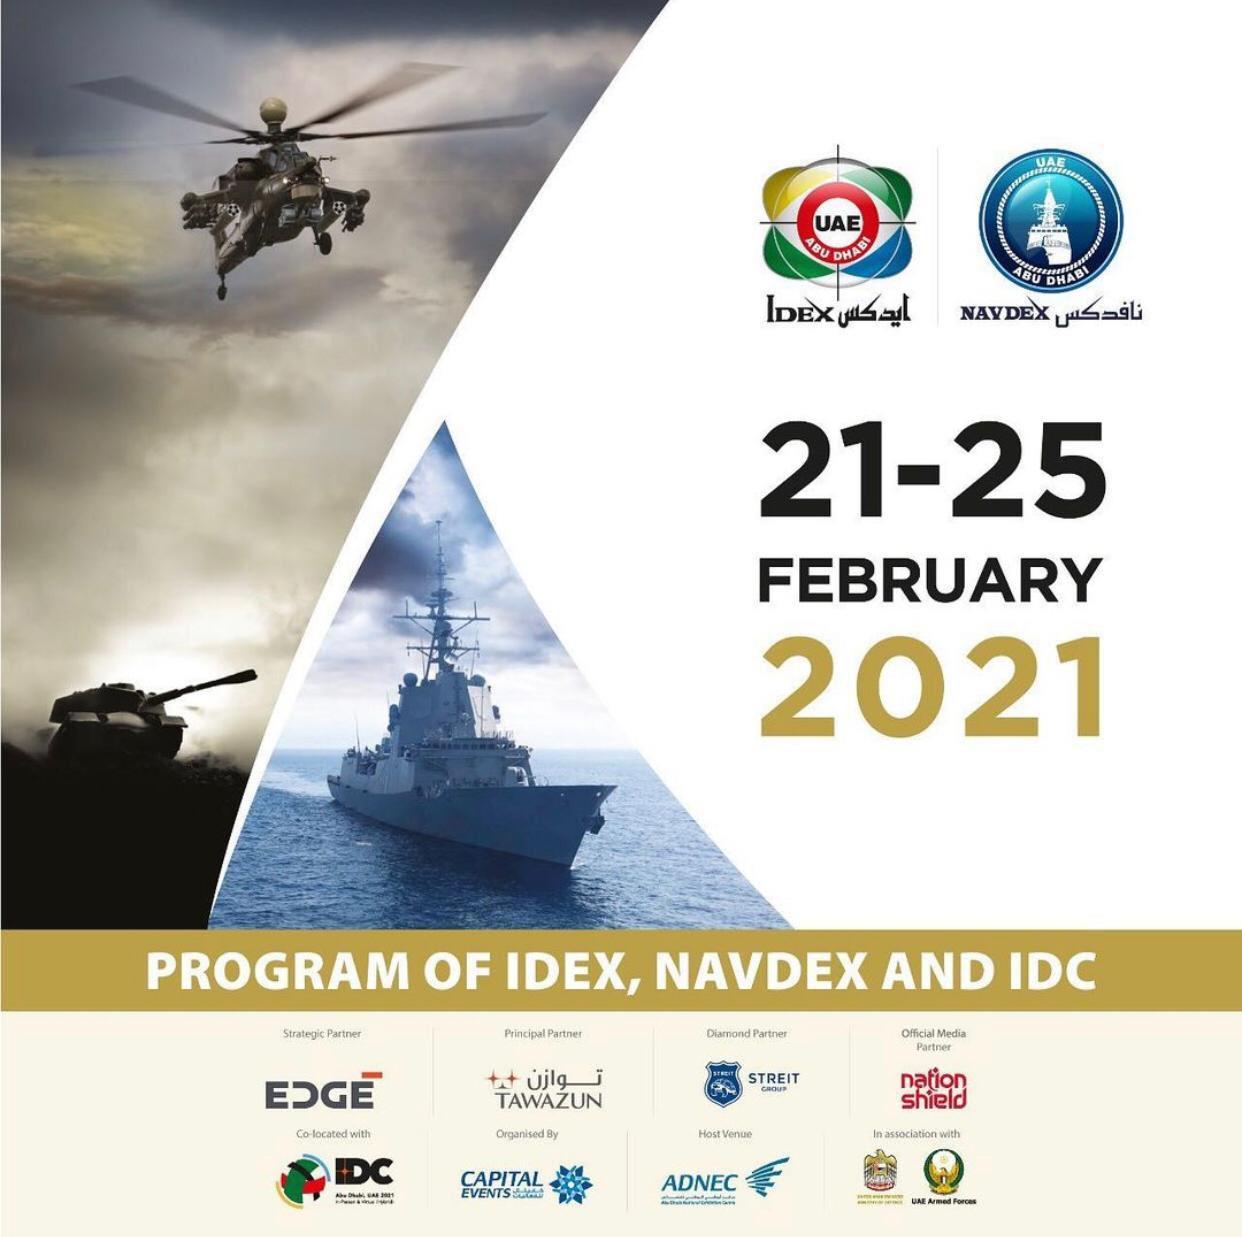 Uae Military Idex 2021